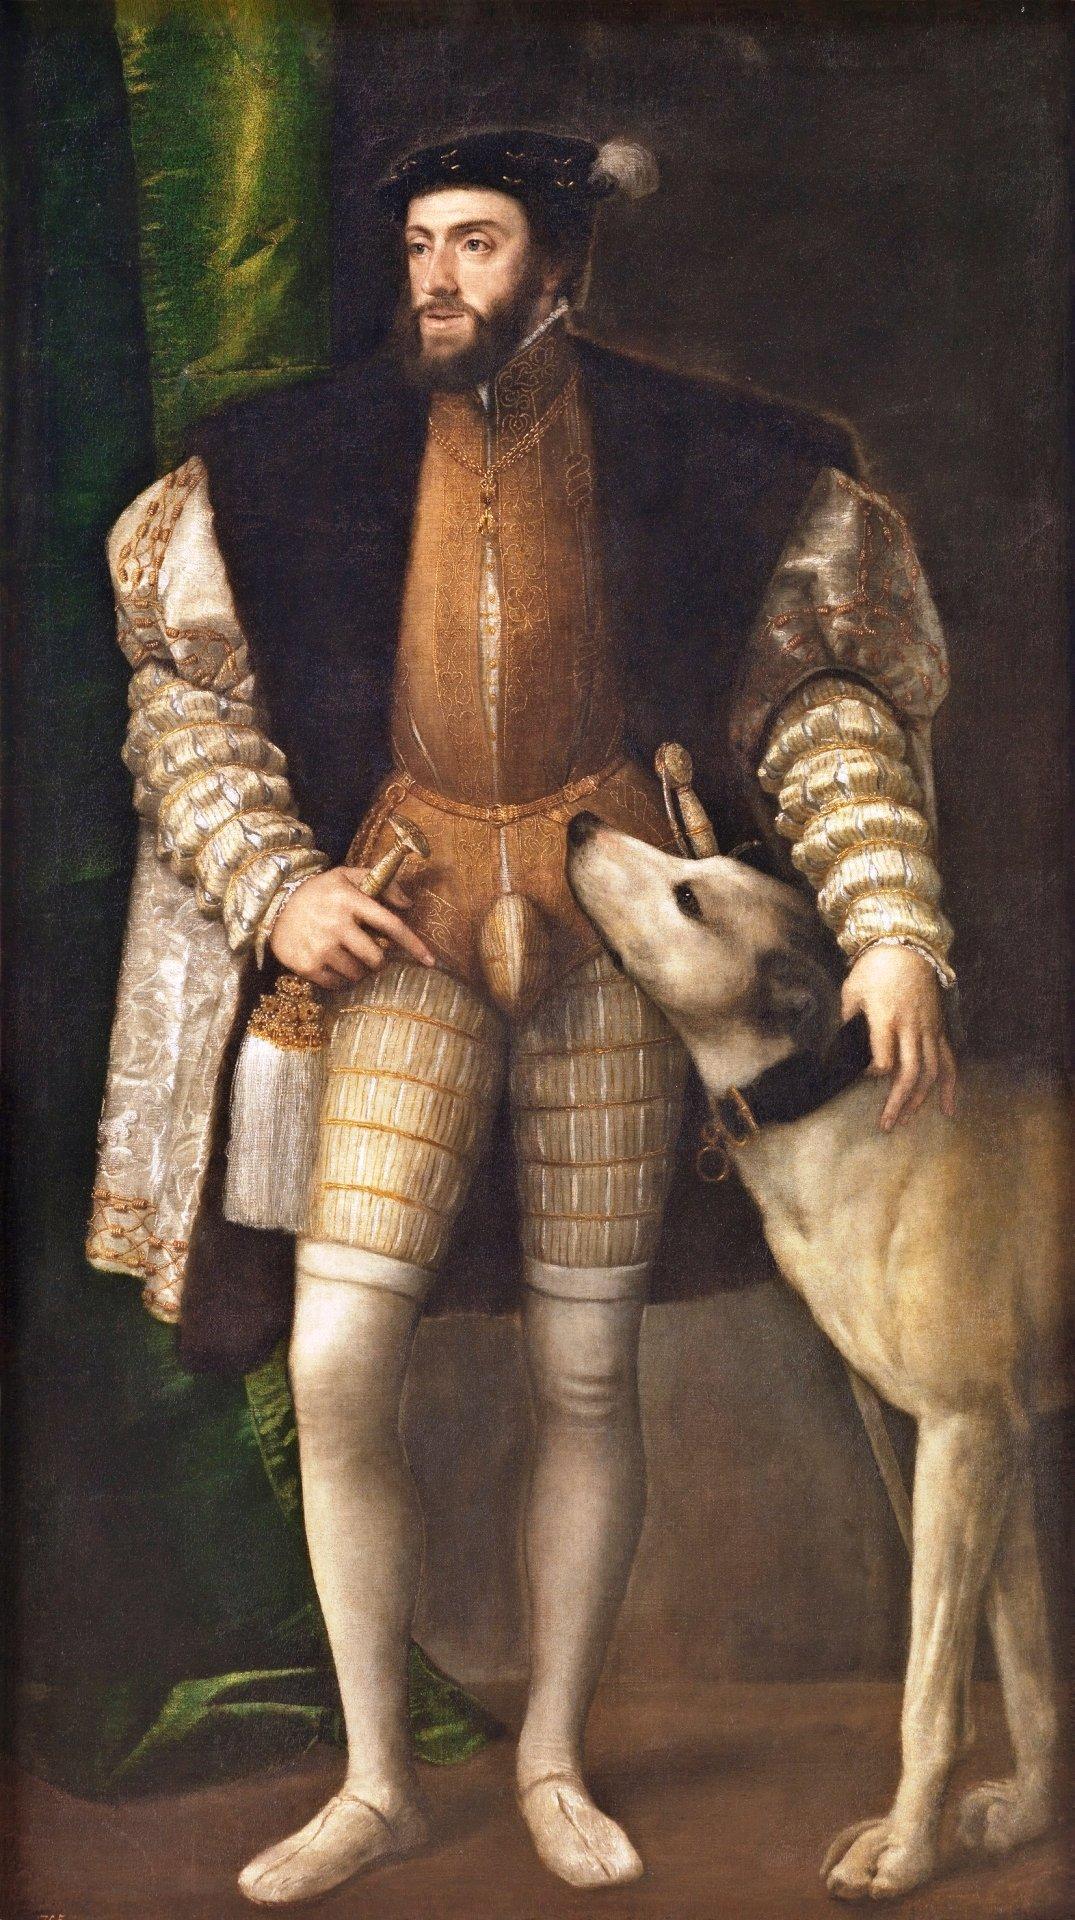 V. Károly császár és kutyája 1533._forrás_wikipedia